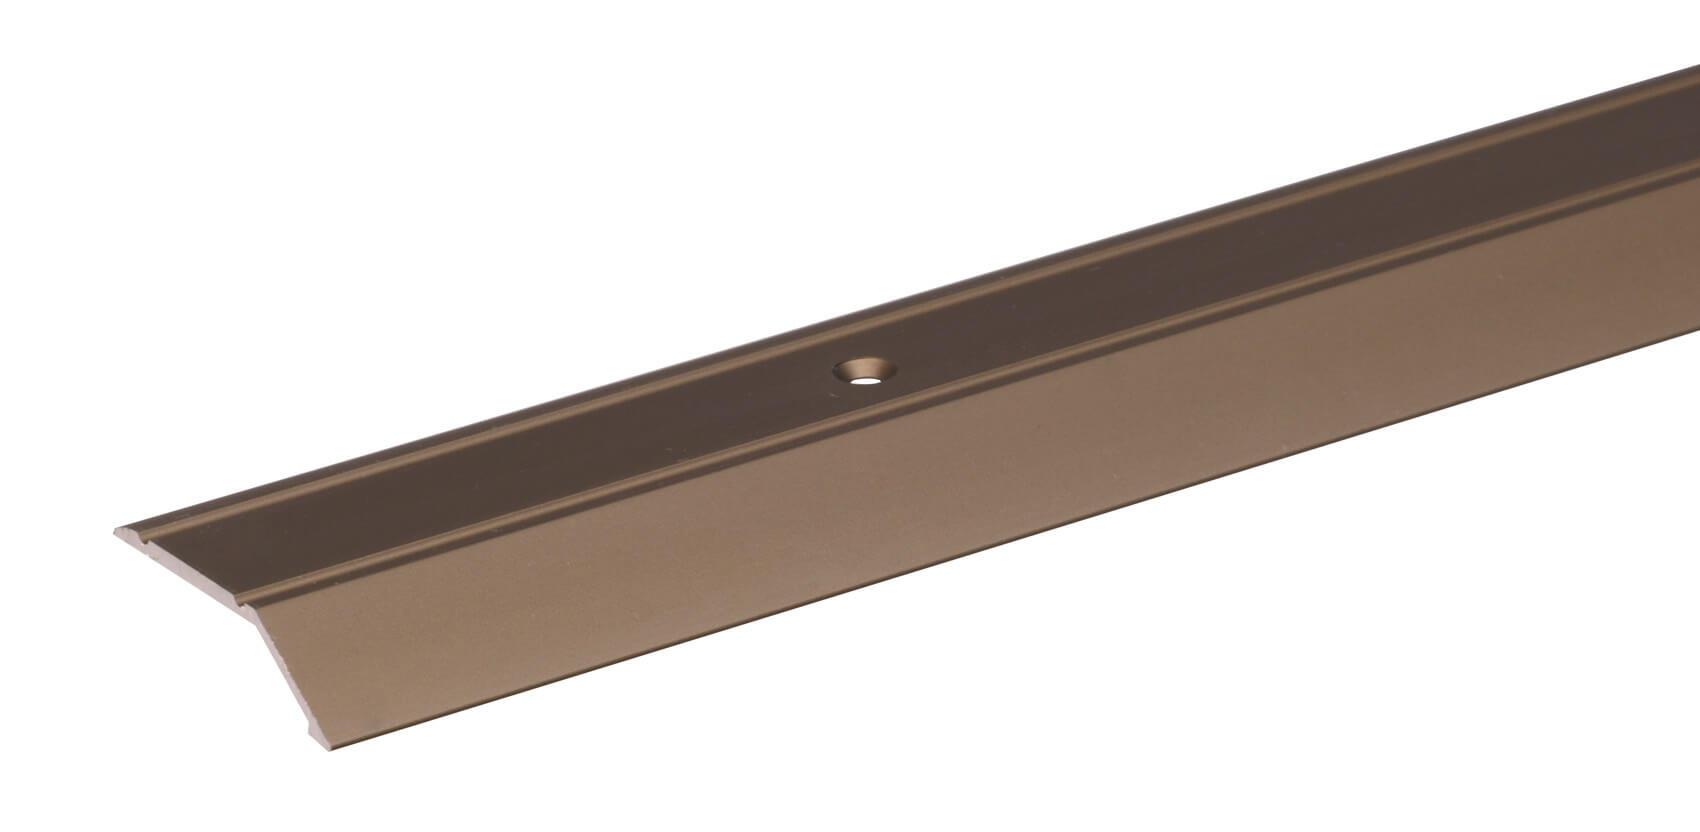 gah 2 m ausgleichsprofil alu bronze elox b 30 mm fu boden h hen ausgleich. Black Bedroom Furniture Sets. Home Design Ideas